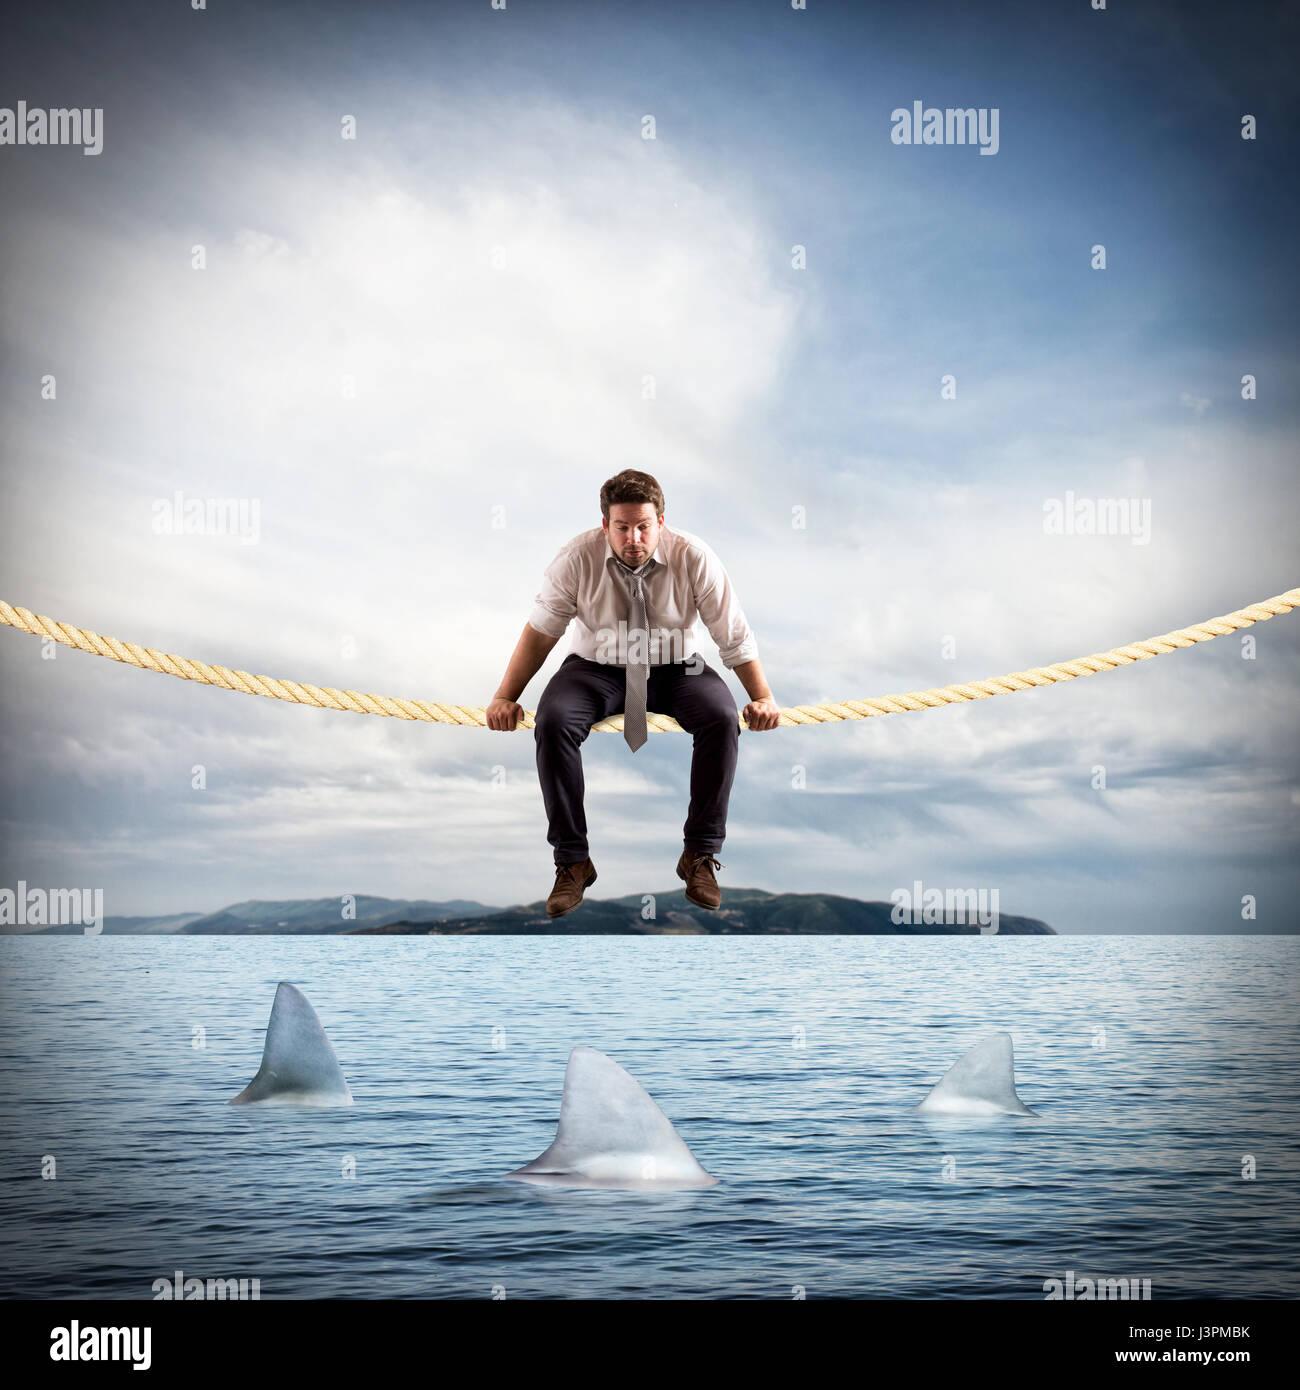 Schwer und Risiko in geschäftlichen Angelegenheiten Stockbild